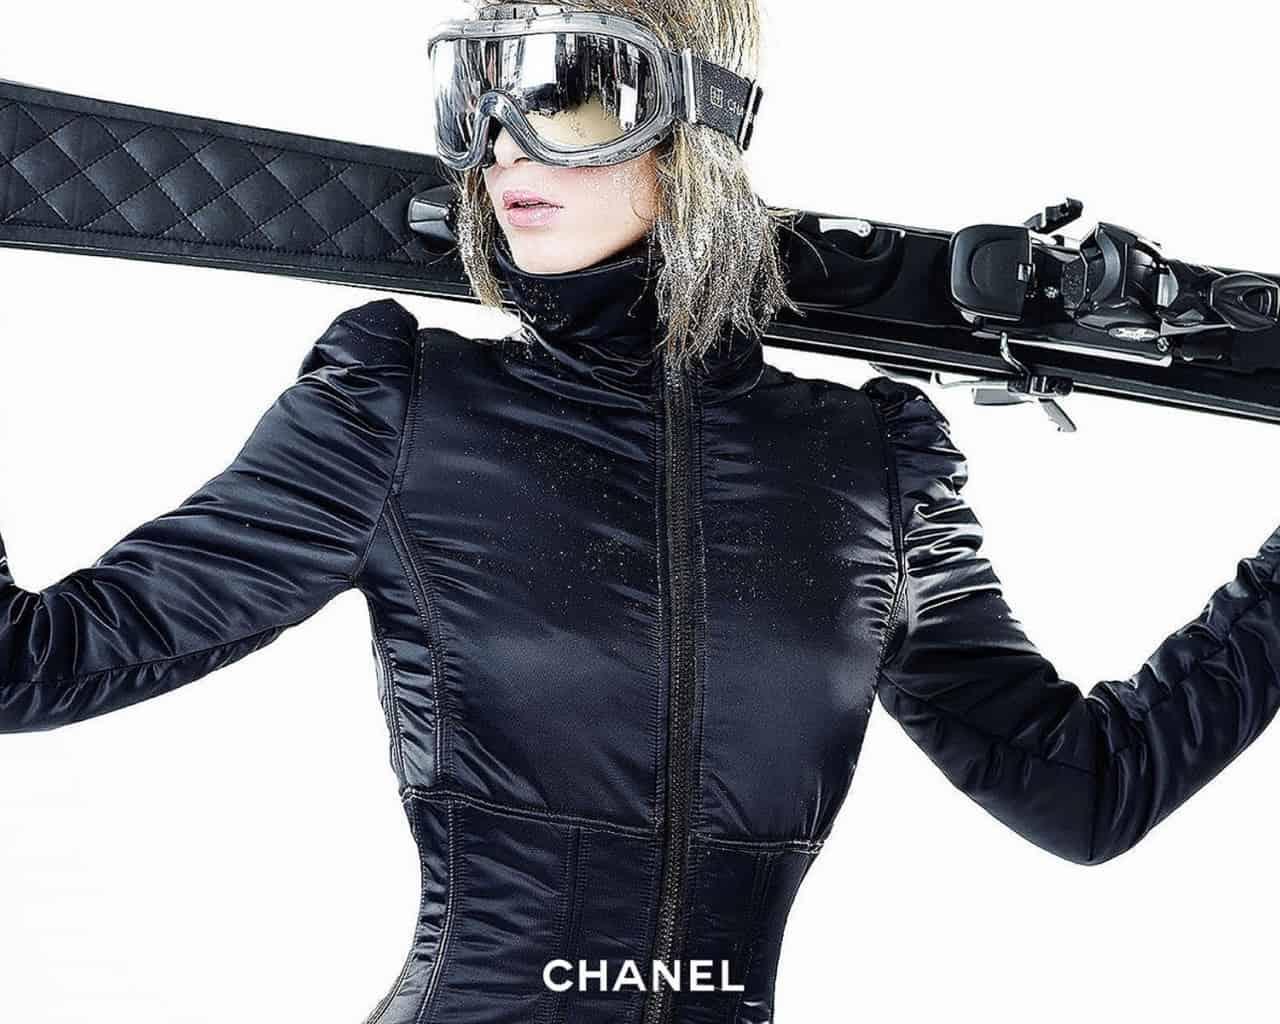 chanel_girl_ski_jacket_42670_1280x1024